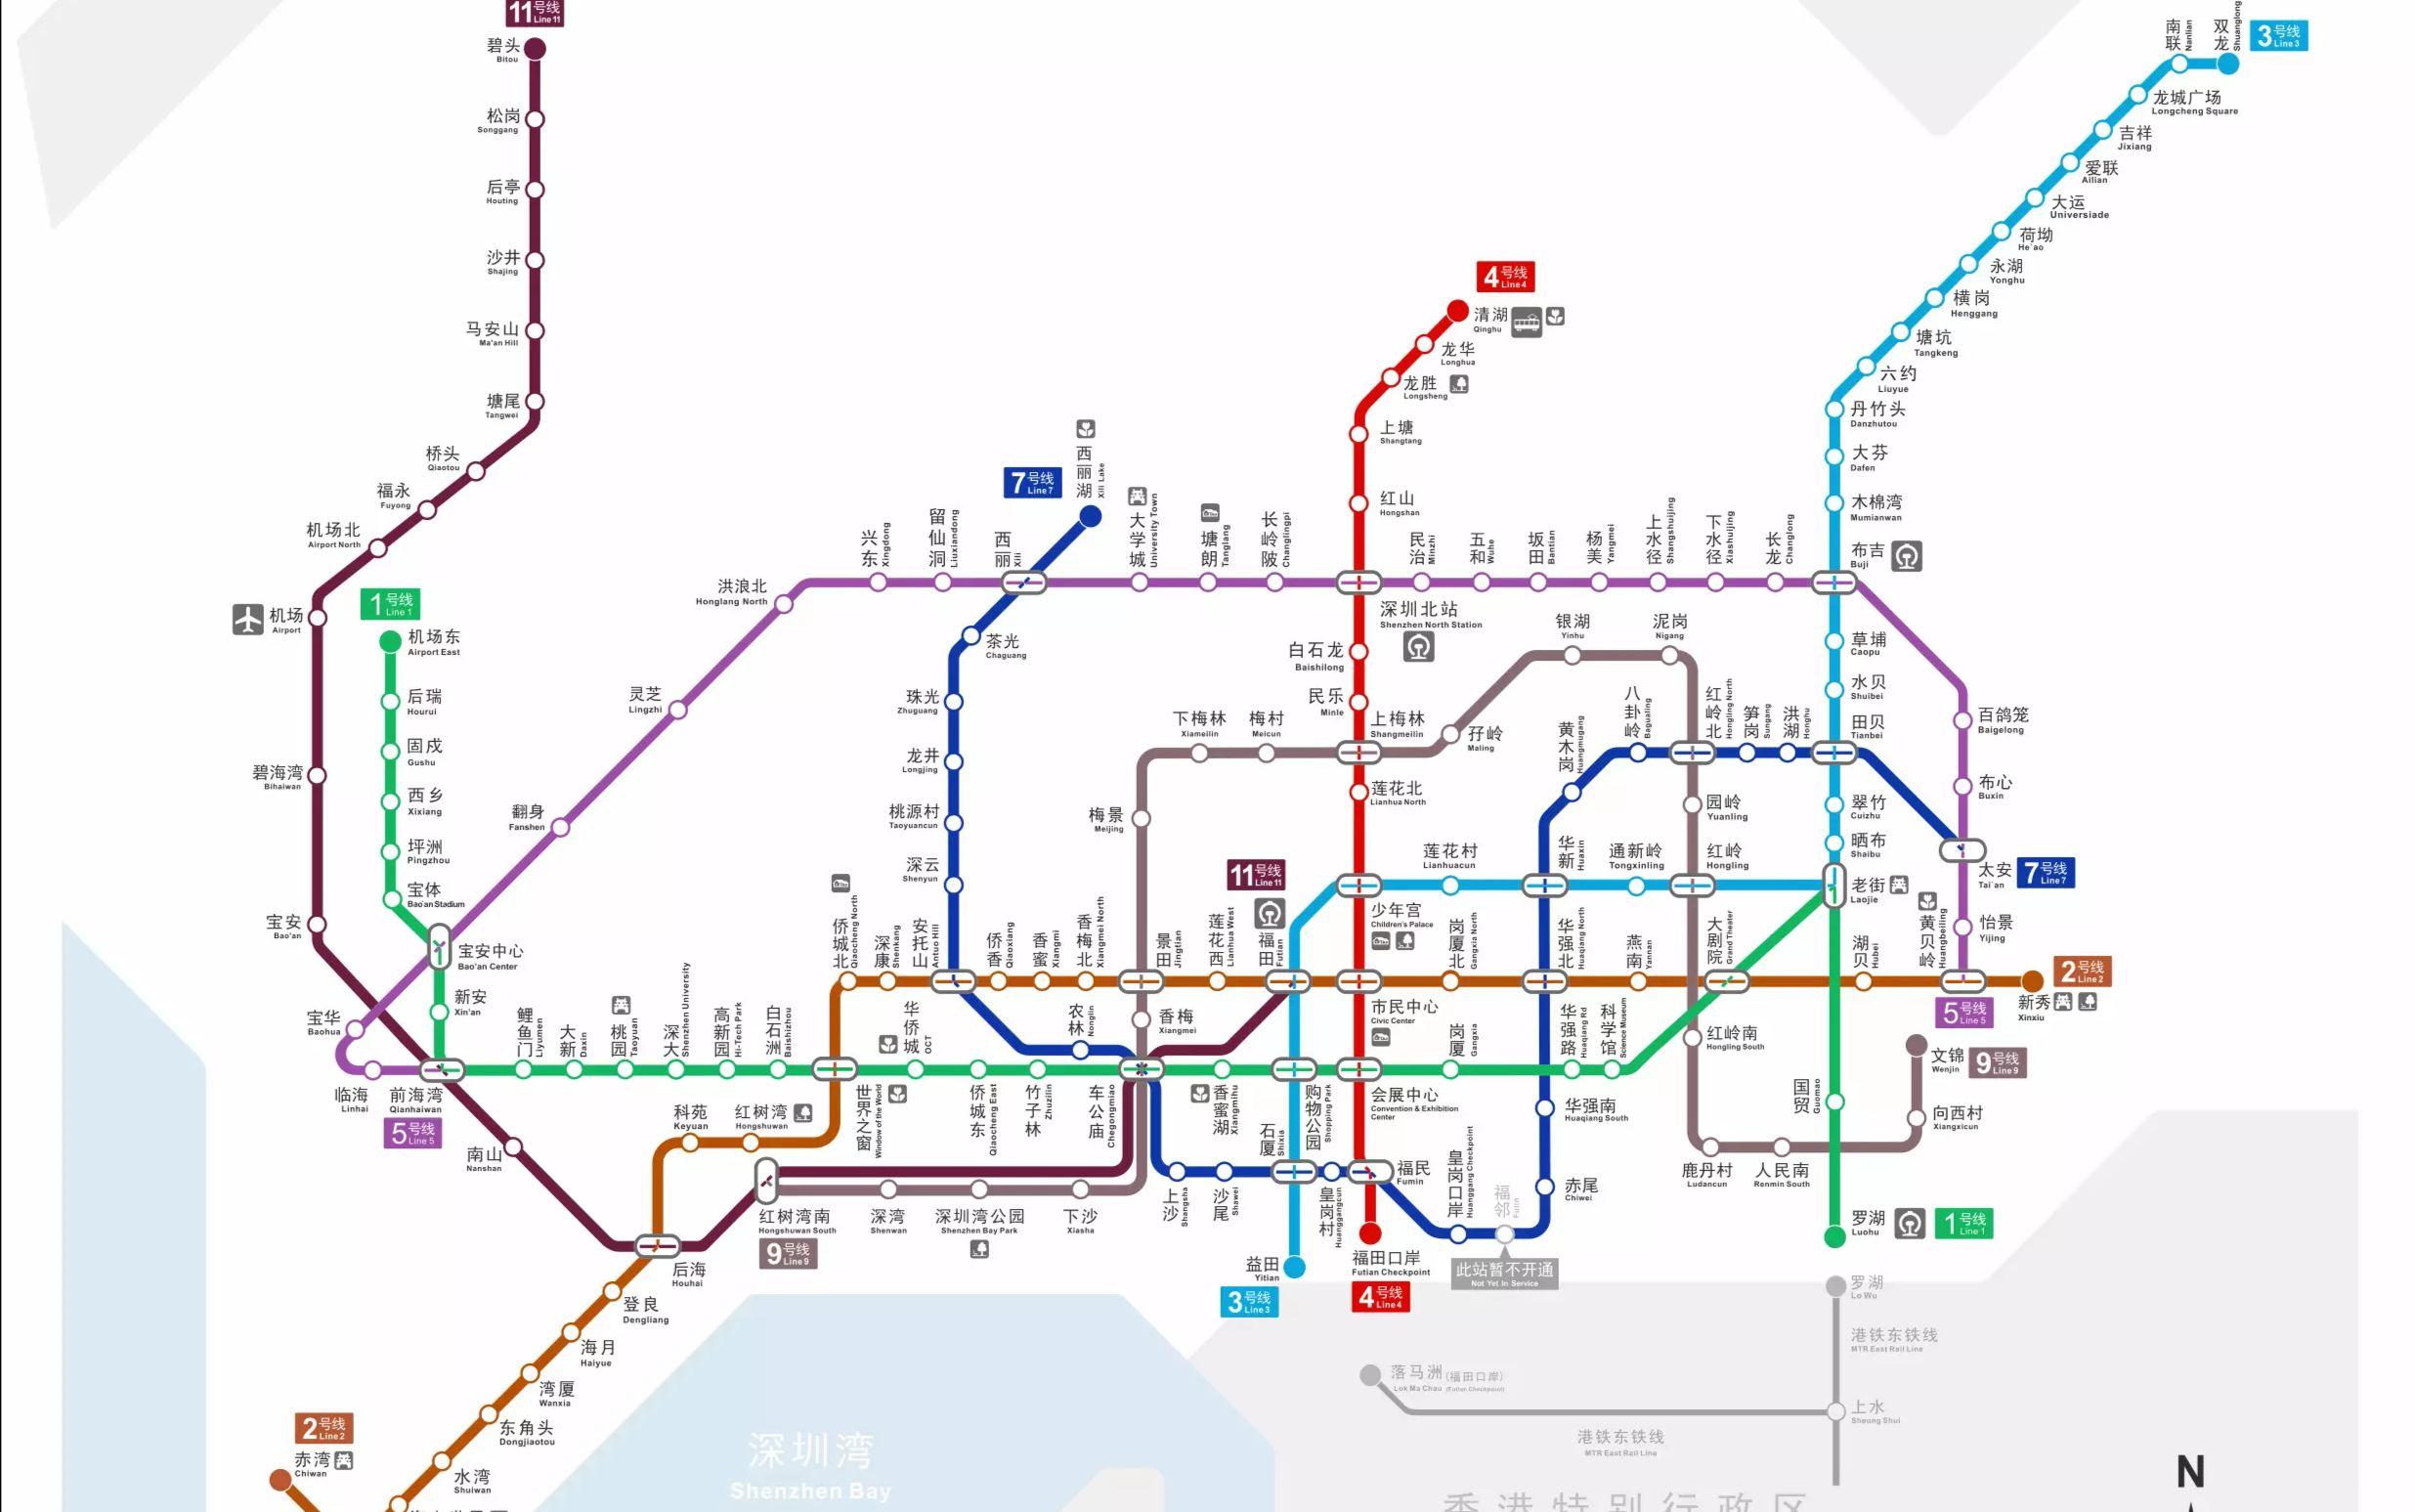 大阪地铁图片